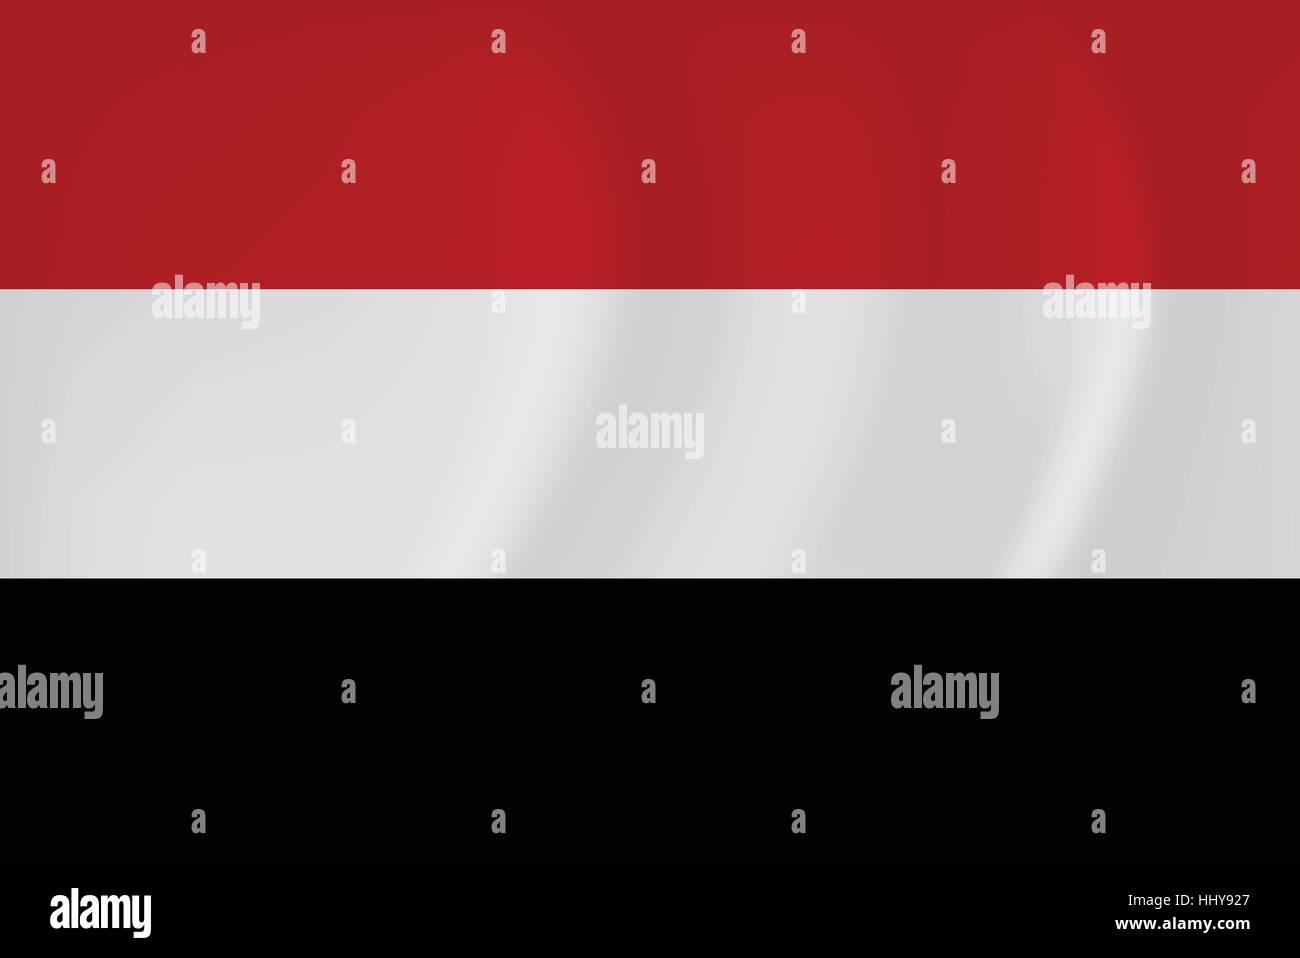 Vector image of the Yemen waving flag - Stock Vector